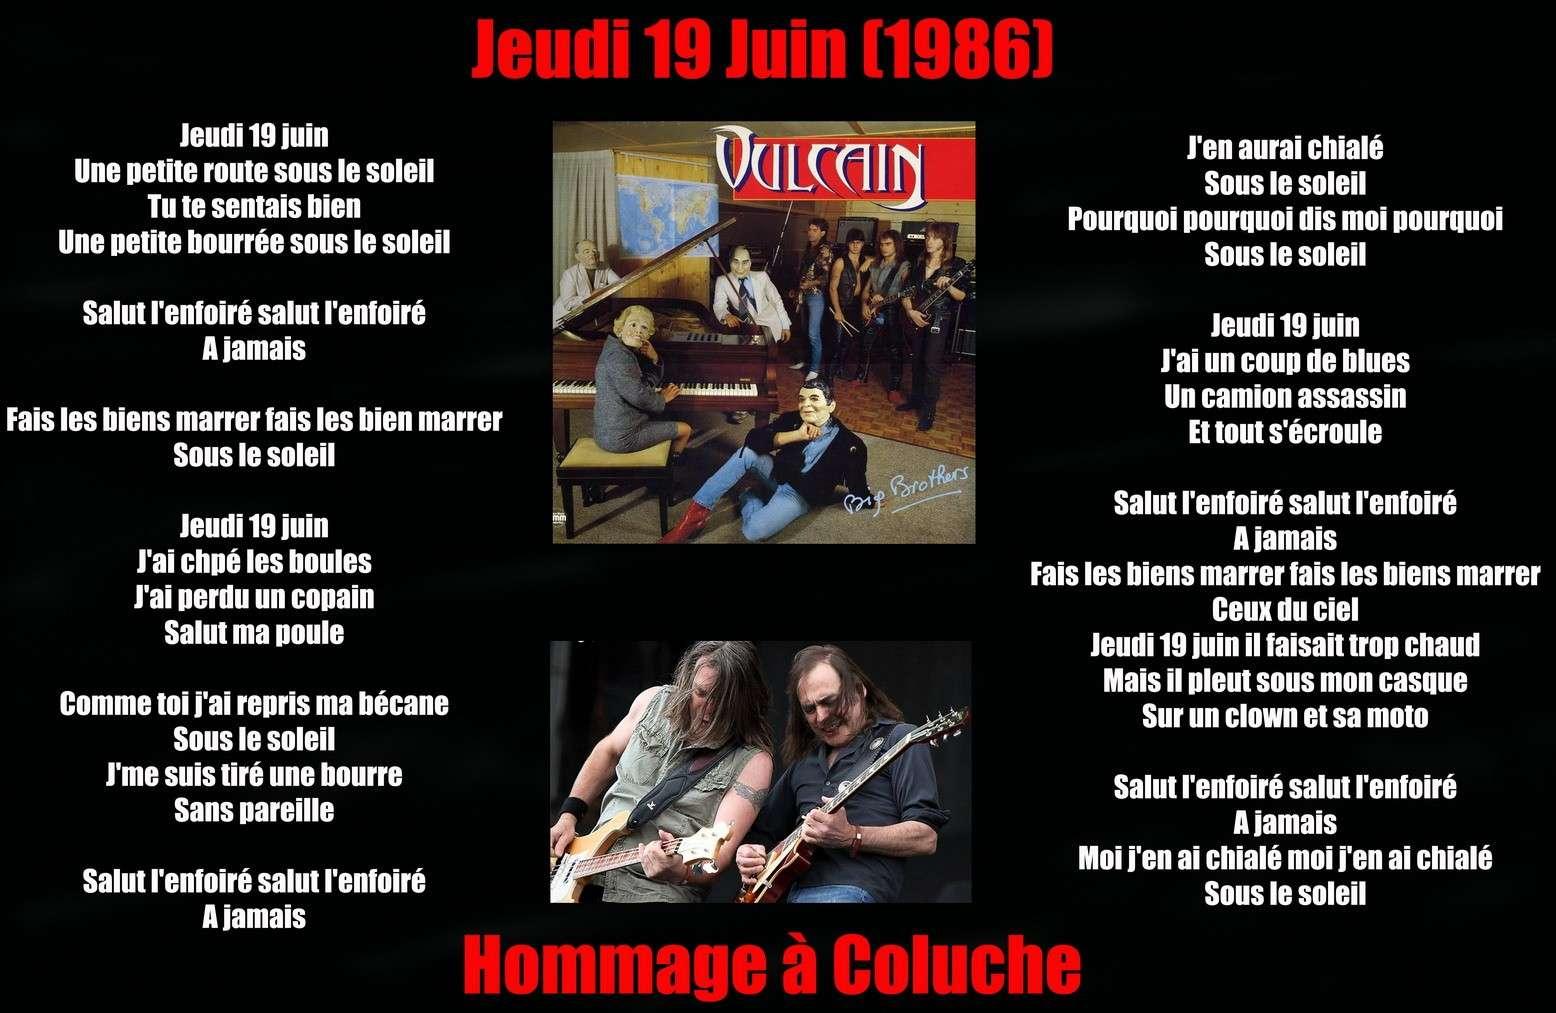 VULCAIN 19 juin (1986) Hommage à Coluche mort il y a 28 ans ce jour ... Vulcai23